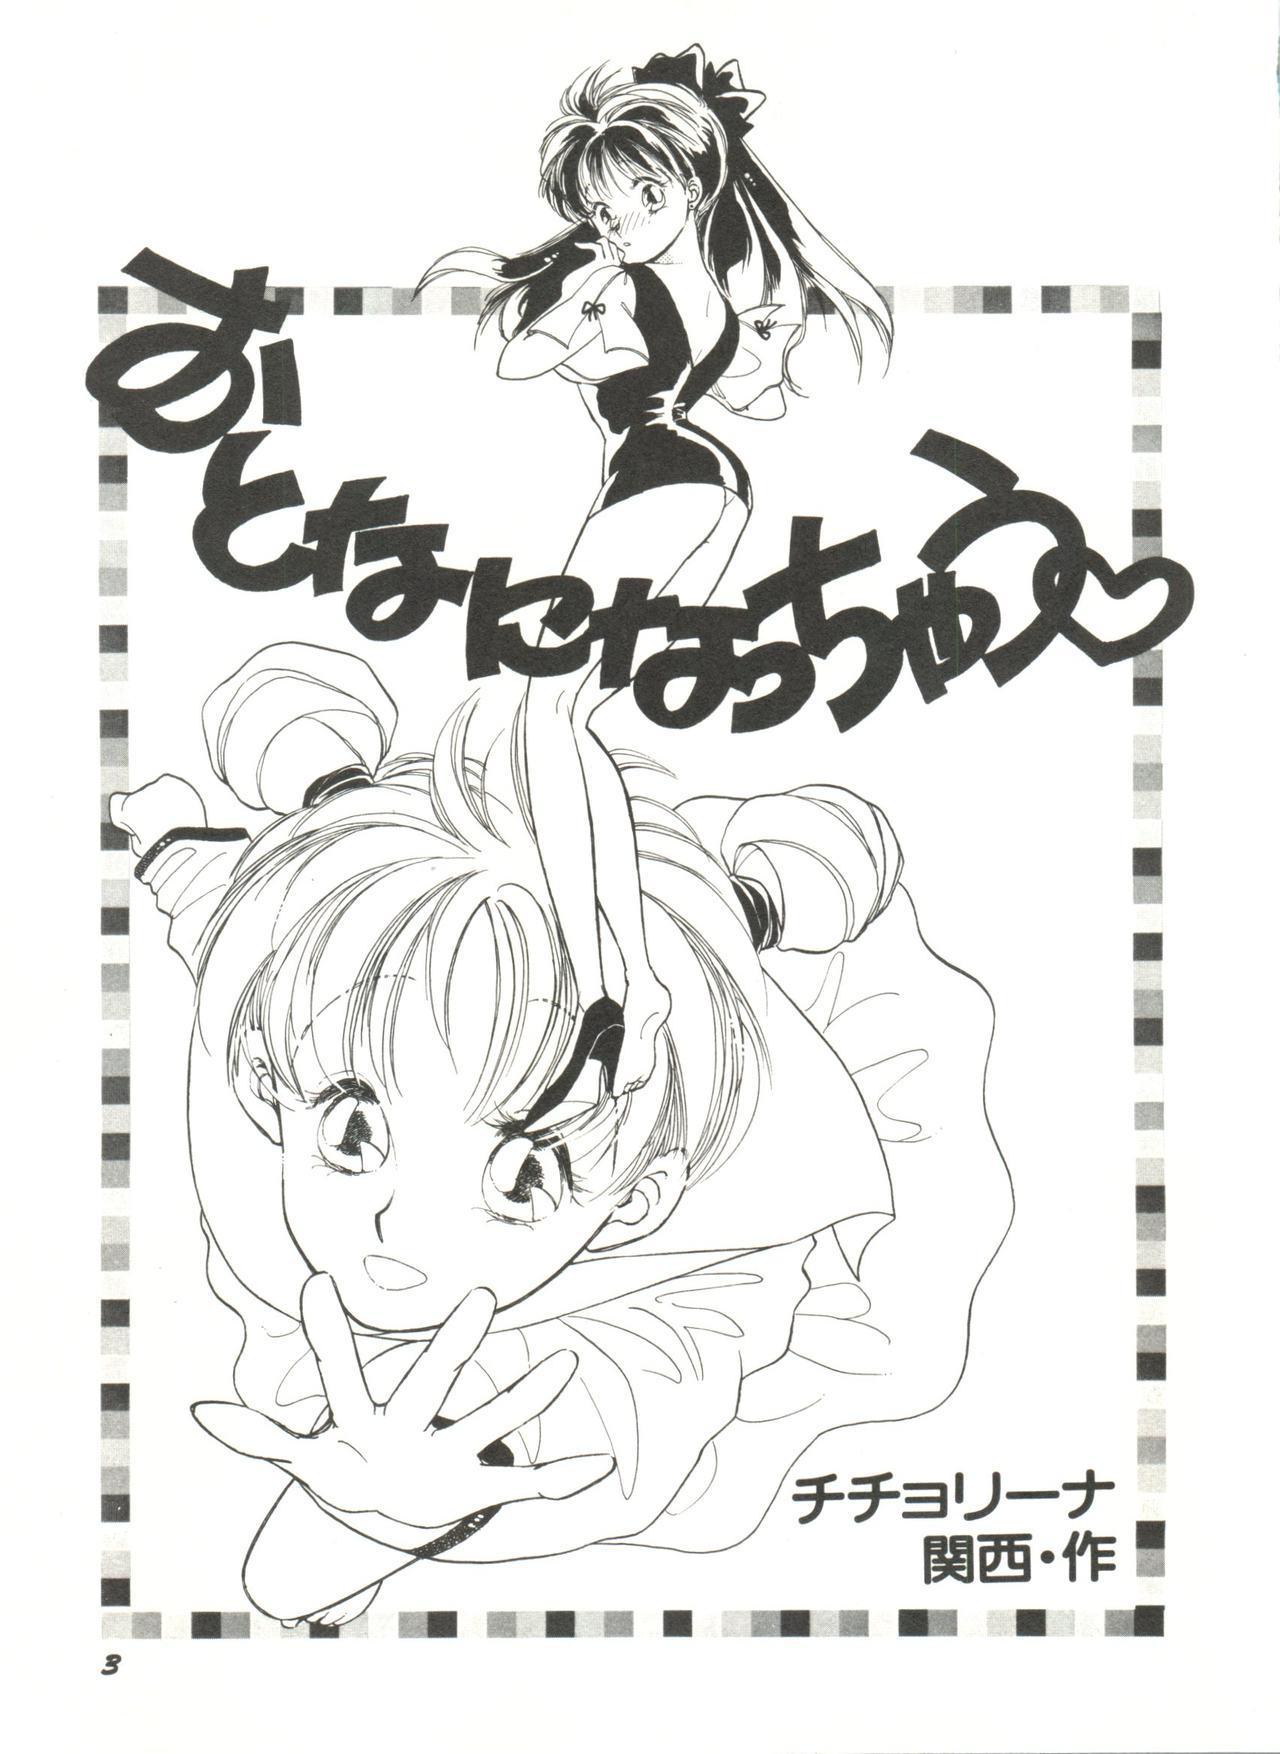 Bishoujo Doujinshi Anthology 6 6